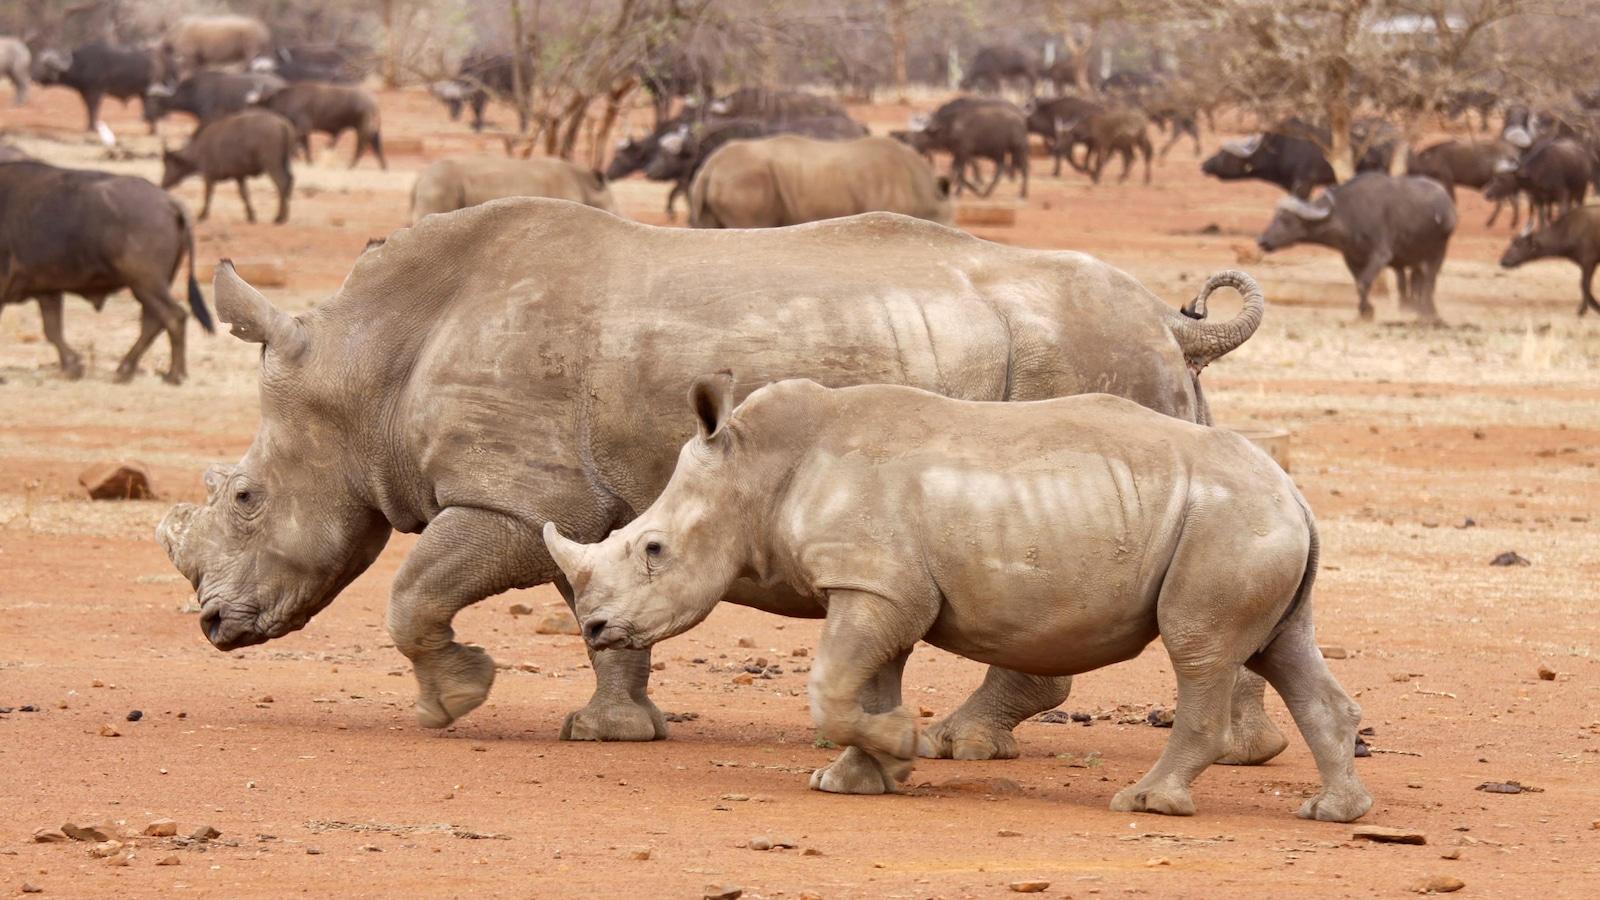 Les vétérinaires du parc national Kruger, en Afrique du Sud, ôtent les cornes des rhinocéros pour éviter qu'ils ne se fassent tuer par les braconniers.